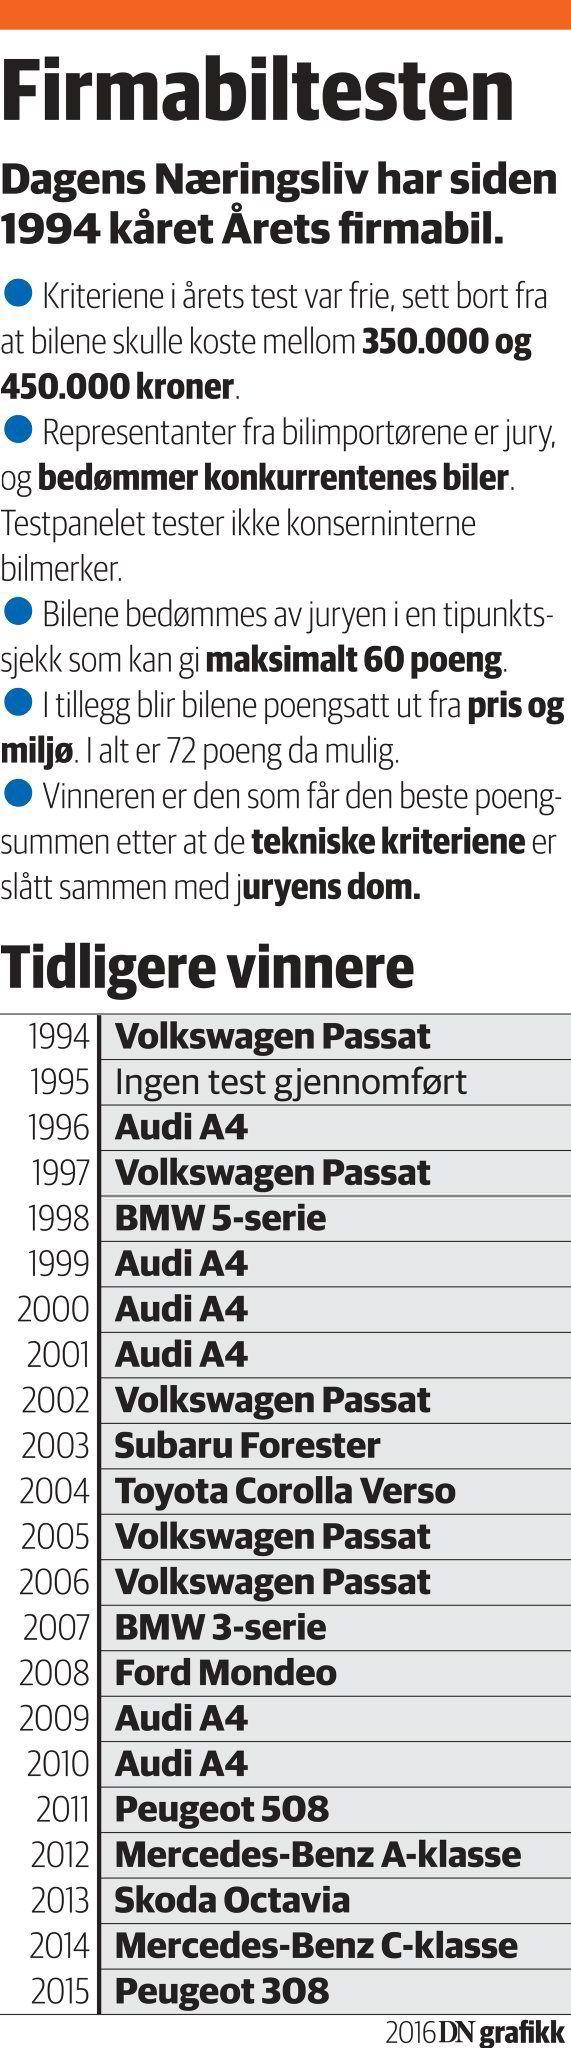 Peugeot-sjef Thorbjørn Myrhaug kan glede seg over at Peugeot 308 SW for andre gang er kåret til Årets firmabil. Volkswagen Passat GTE og Citroën Grand C4 Picasso ble henholdsvis nummer to og tre.